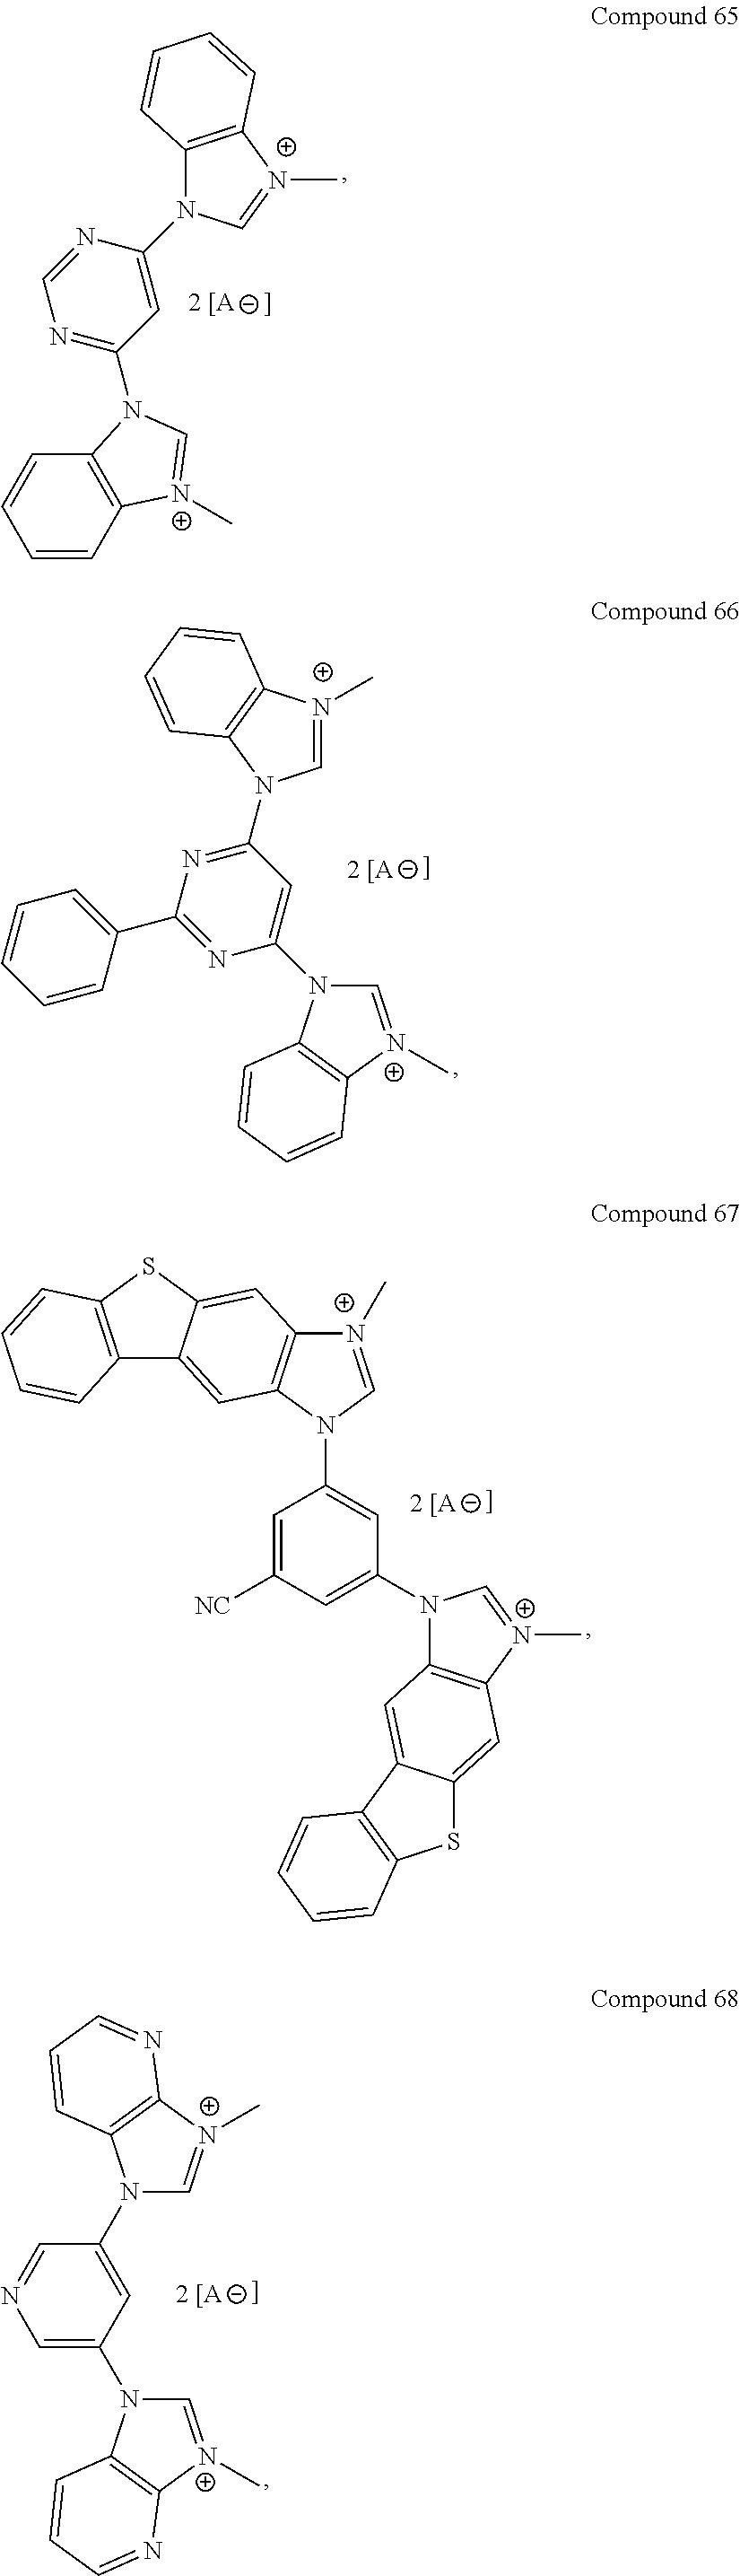 Figure US08563737-20131022-C00217